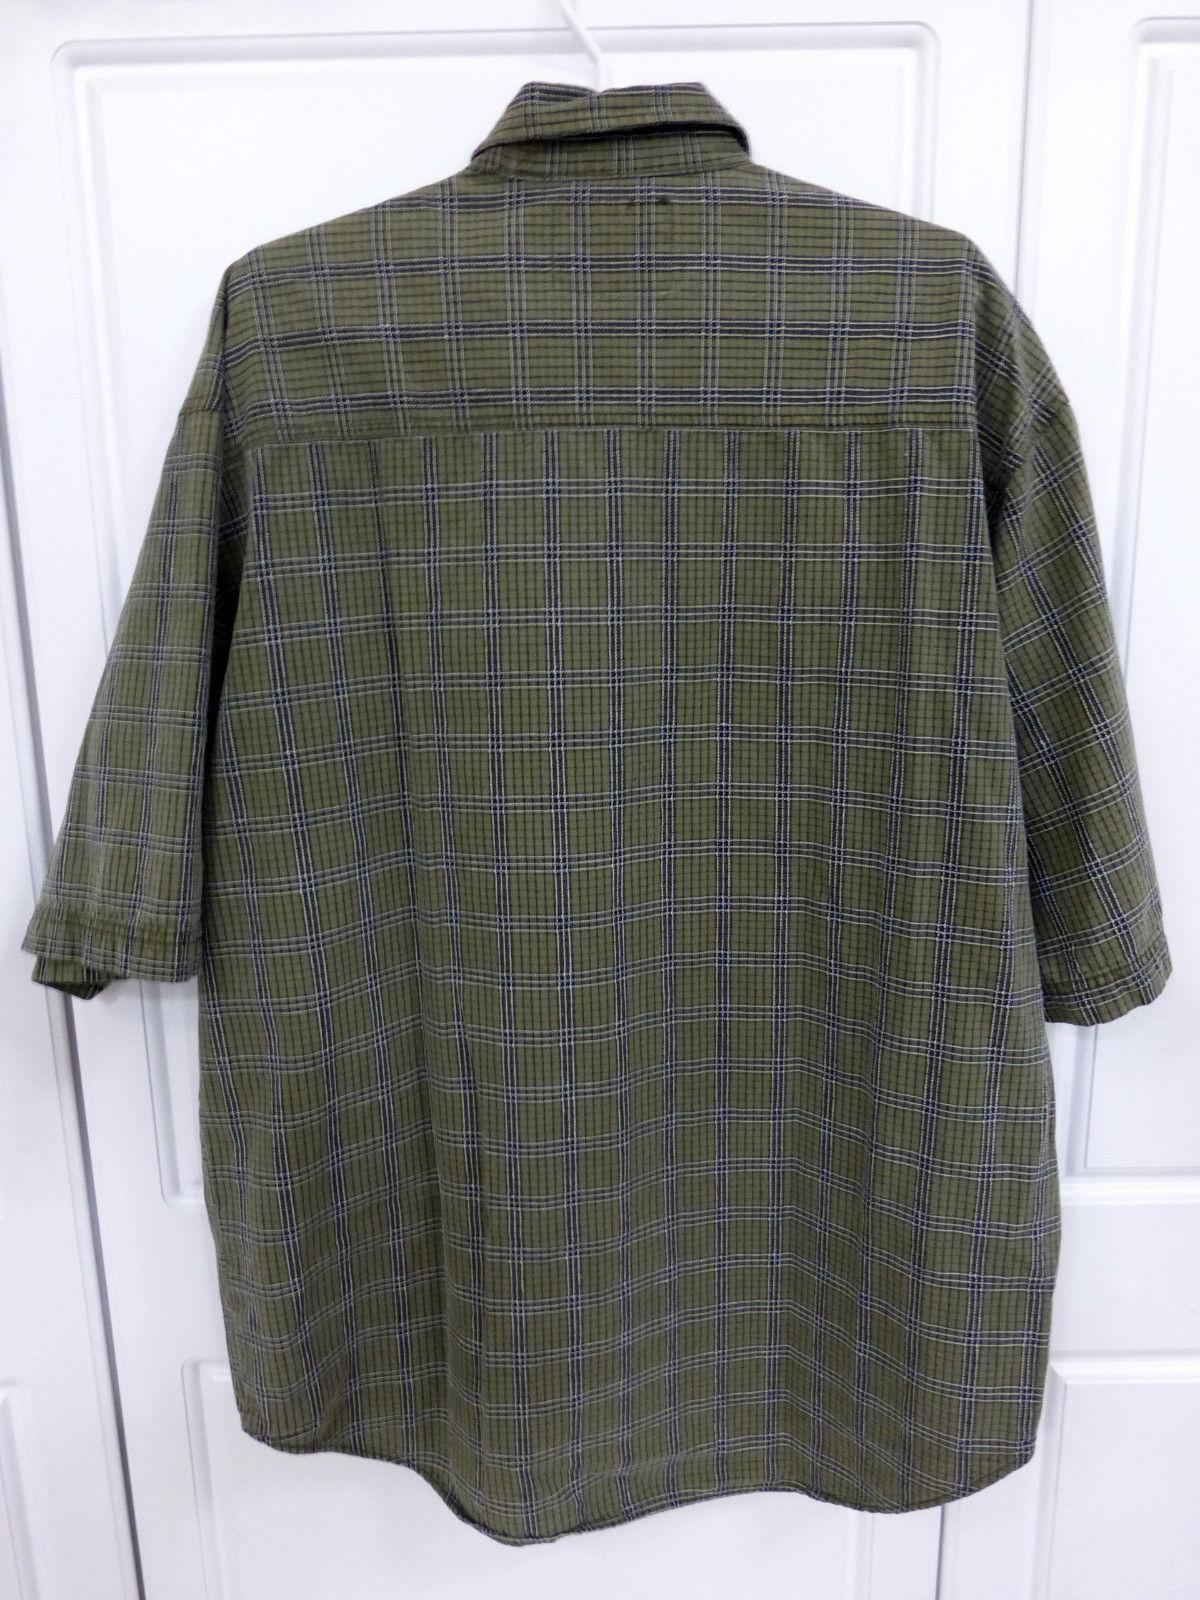 Levi's green plaid short sleeve shirt L/LARGE button 100% cotton